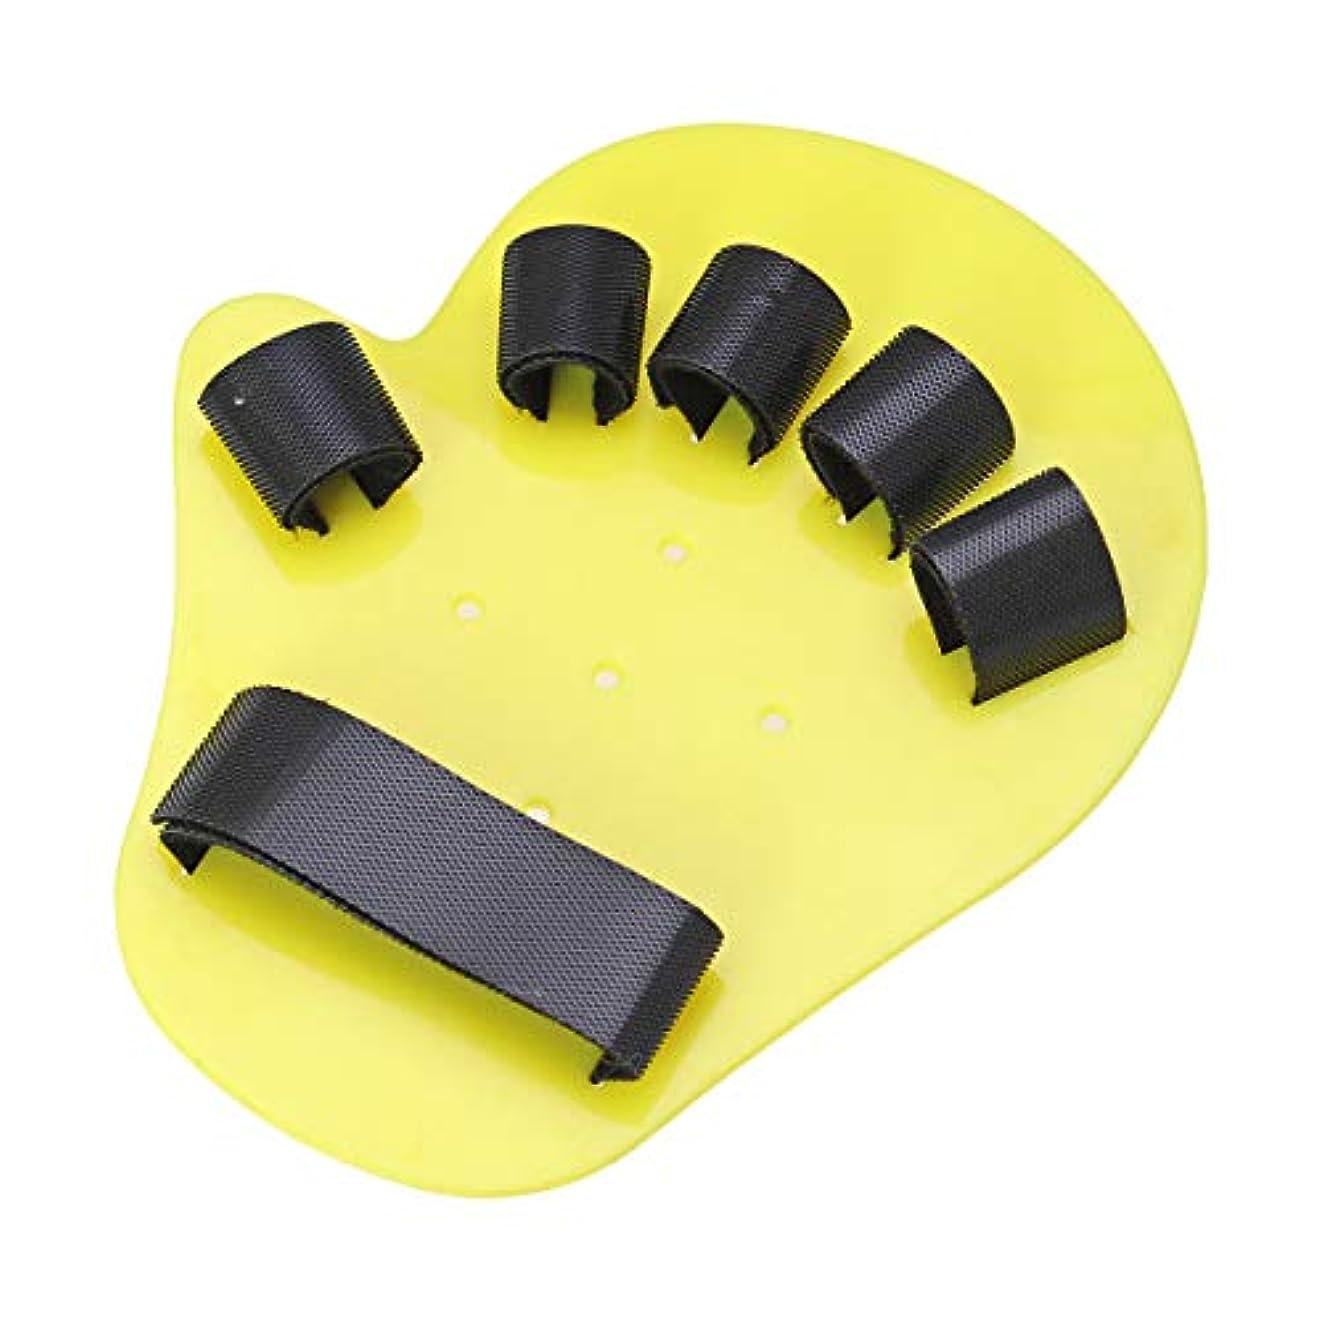 チート船上愚かSUPVOX 指の装具キッズ指トレーニングボード指副木指用脳卒中片麻痺5-10年